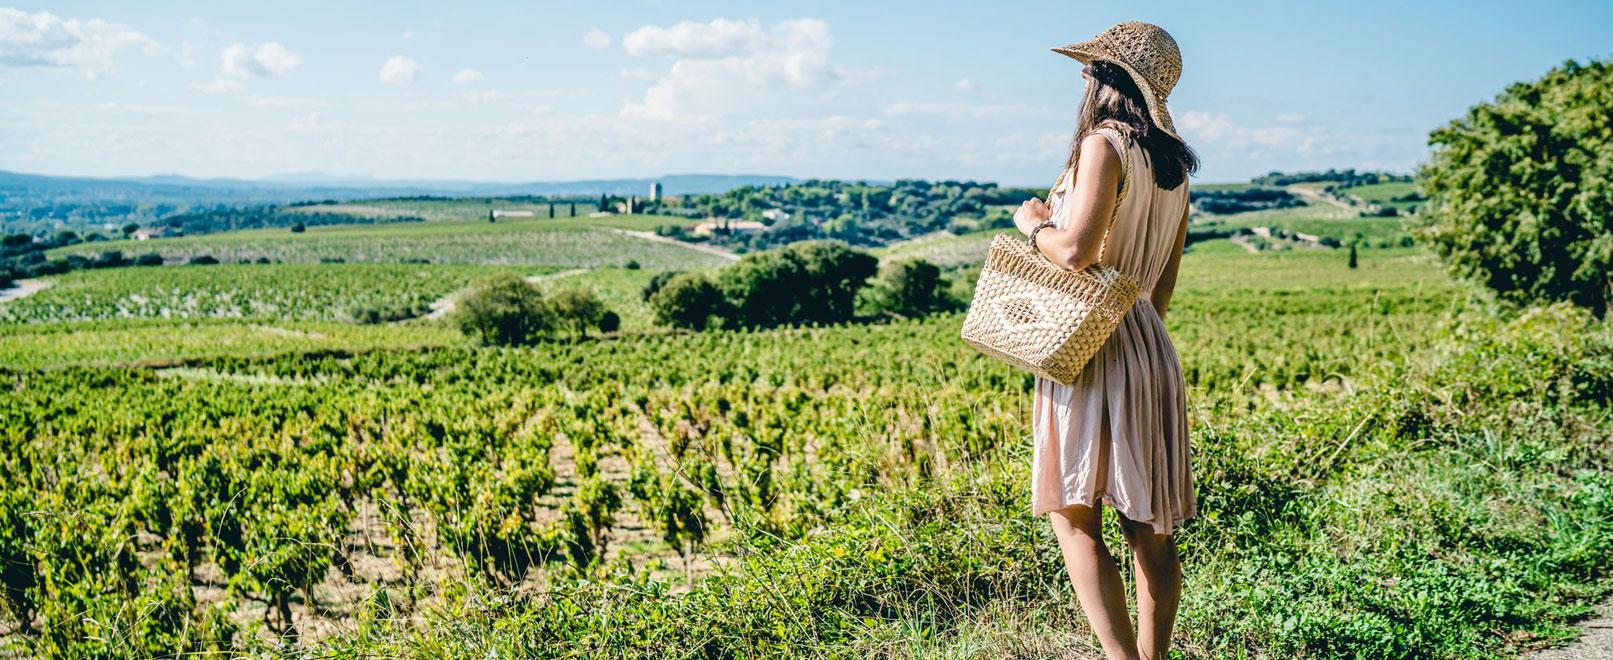 Vignobles de Châteauneuf-du-Pape © O'Brien